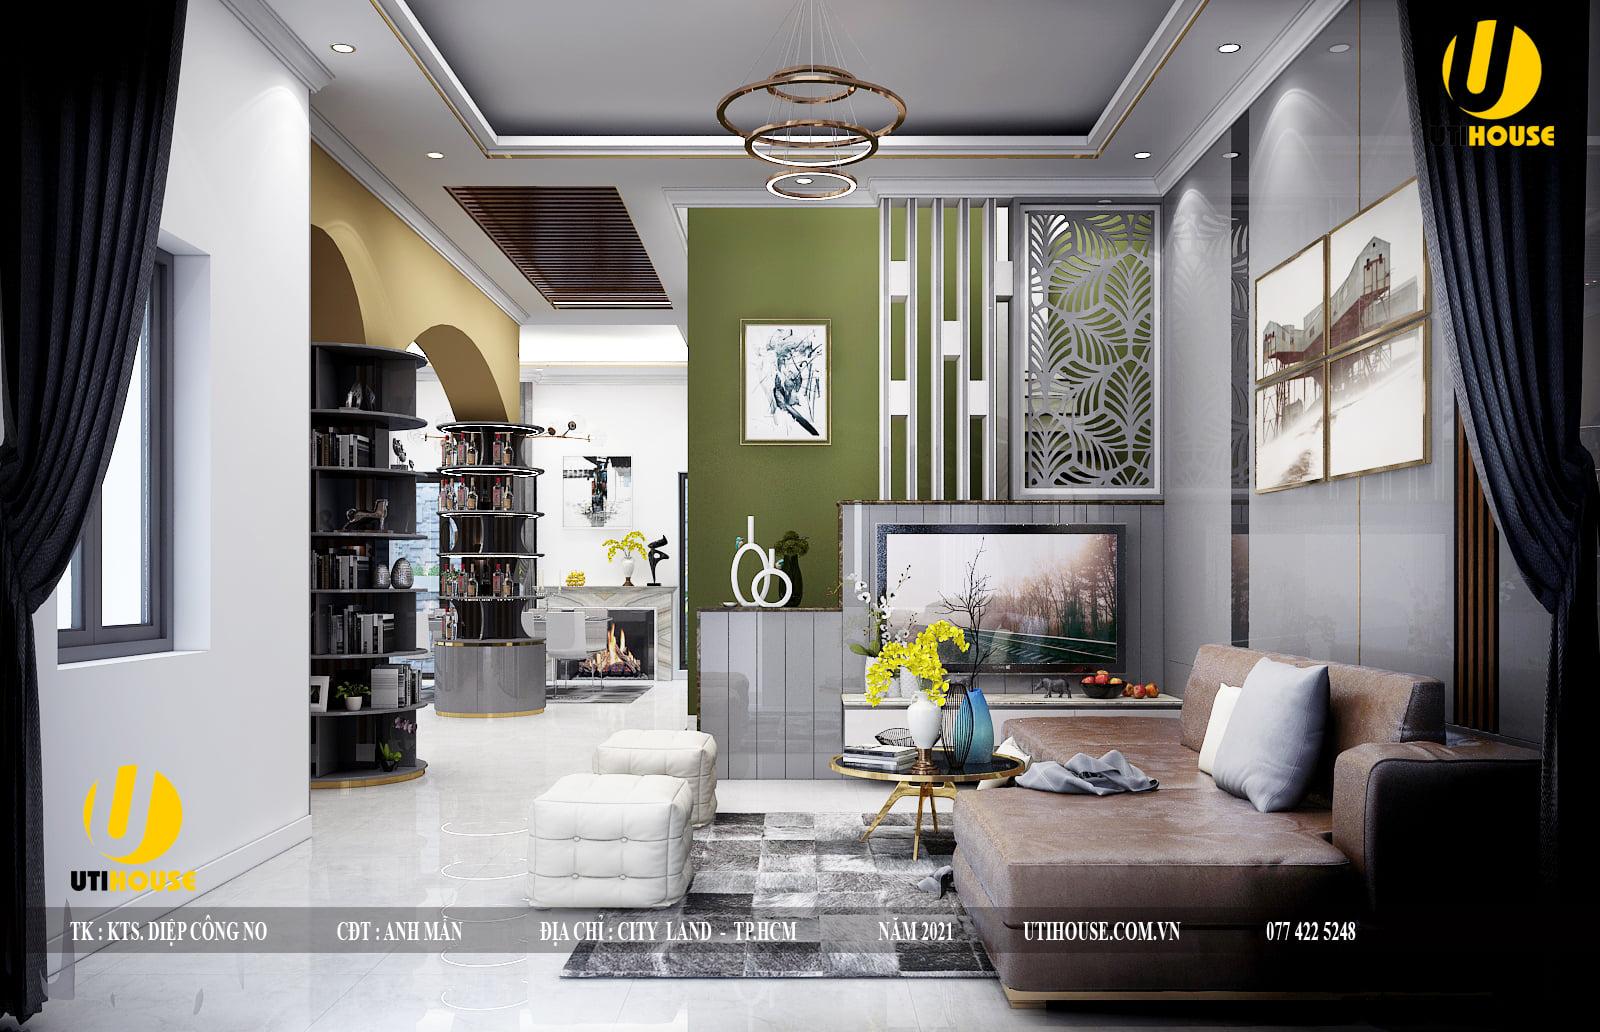 Top 10 mẫu thiết kế phòng khách nhà ống đẹp theo xu hướng